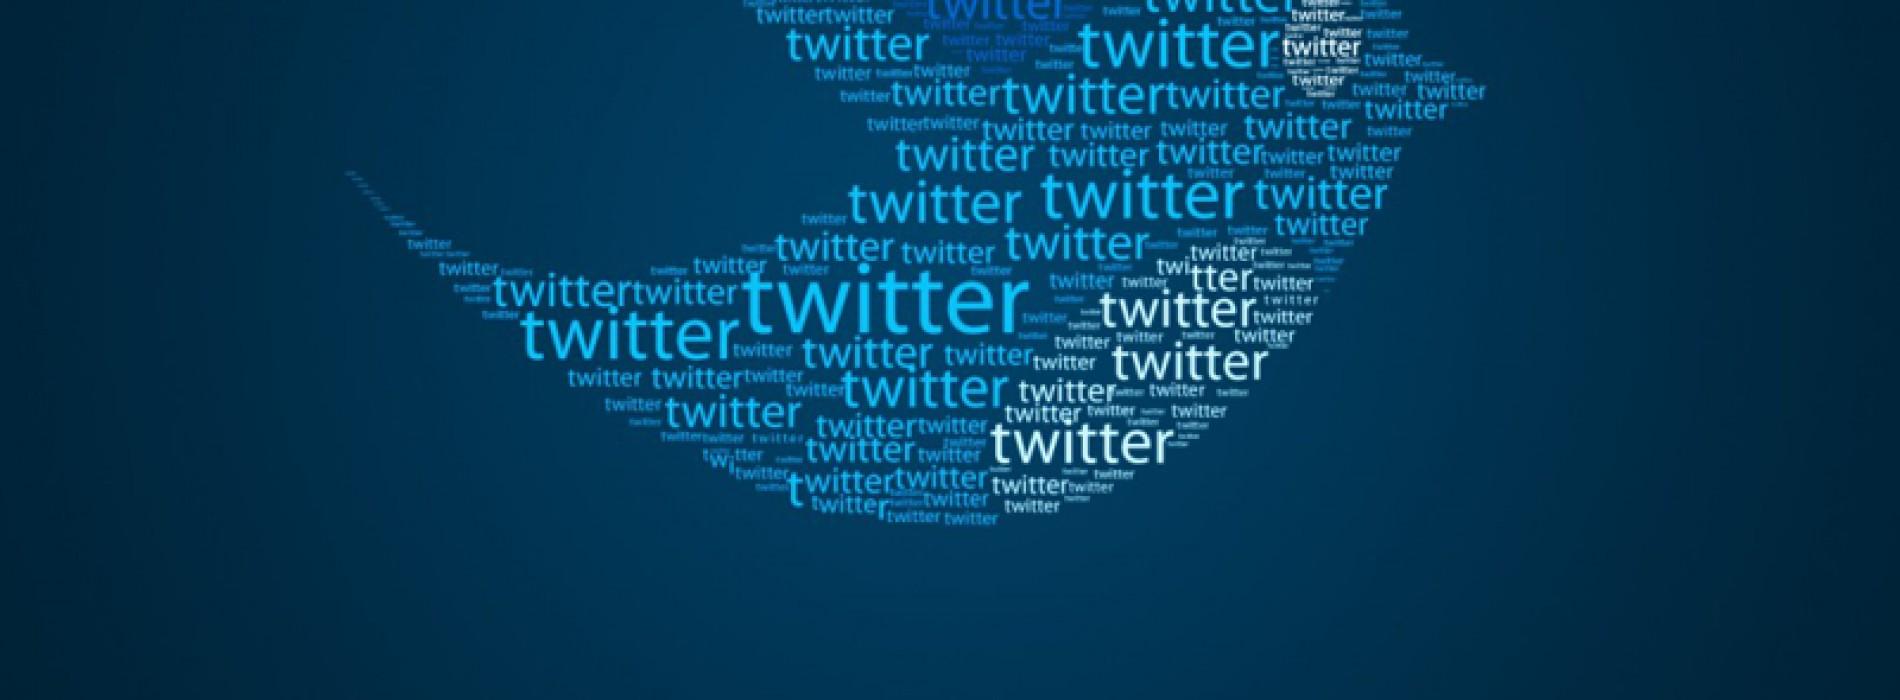 Własny indywidualny styl i właściwy ton wypowiedzi – to klucz do sukcesu w Social Media